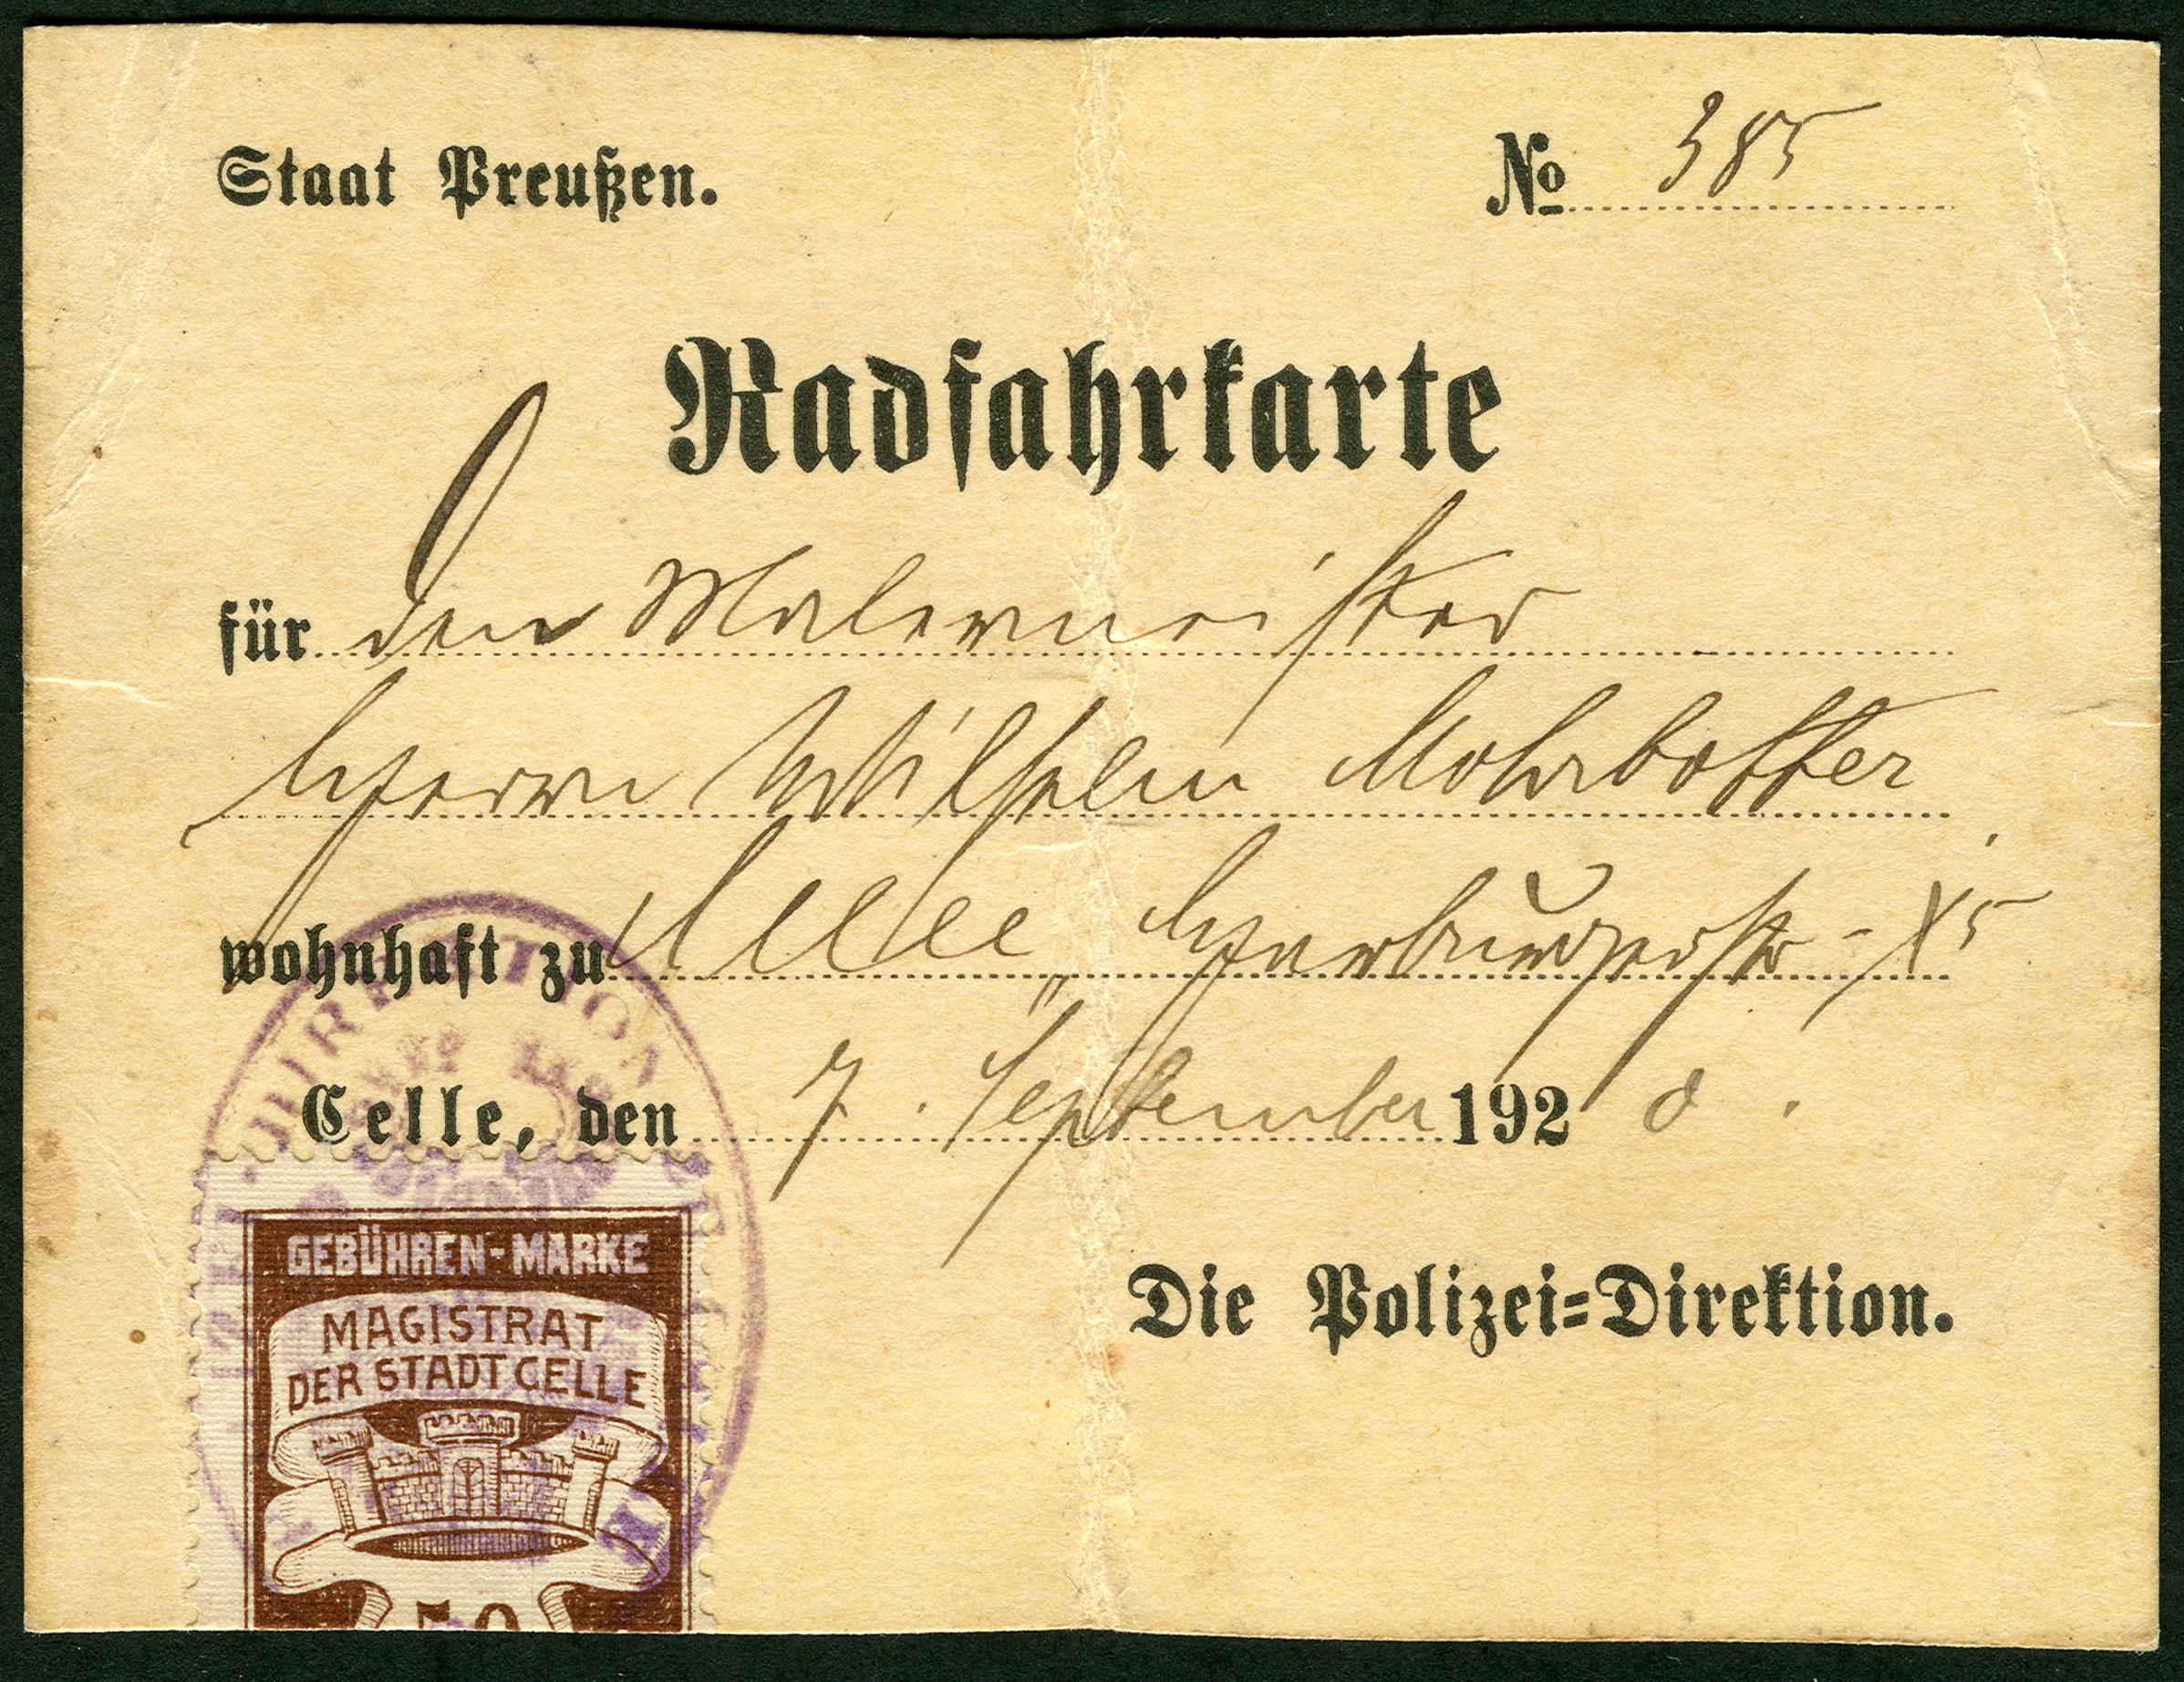 1920-09-07_Radfahrkarte_Staat_Preu%C3%9Fen_No._385_Polizei-Direktion_Geb%C3%BChren-Marke_Stadt_Celle_Magistrat_Malermeister_Wilhelm_Mohrbotter.jpg